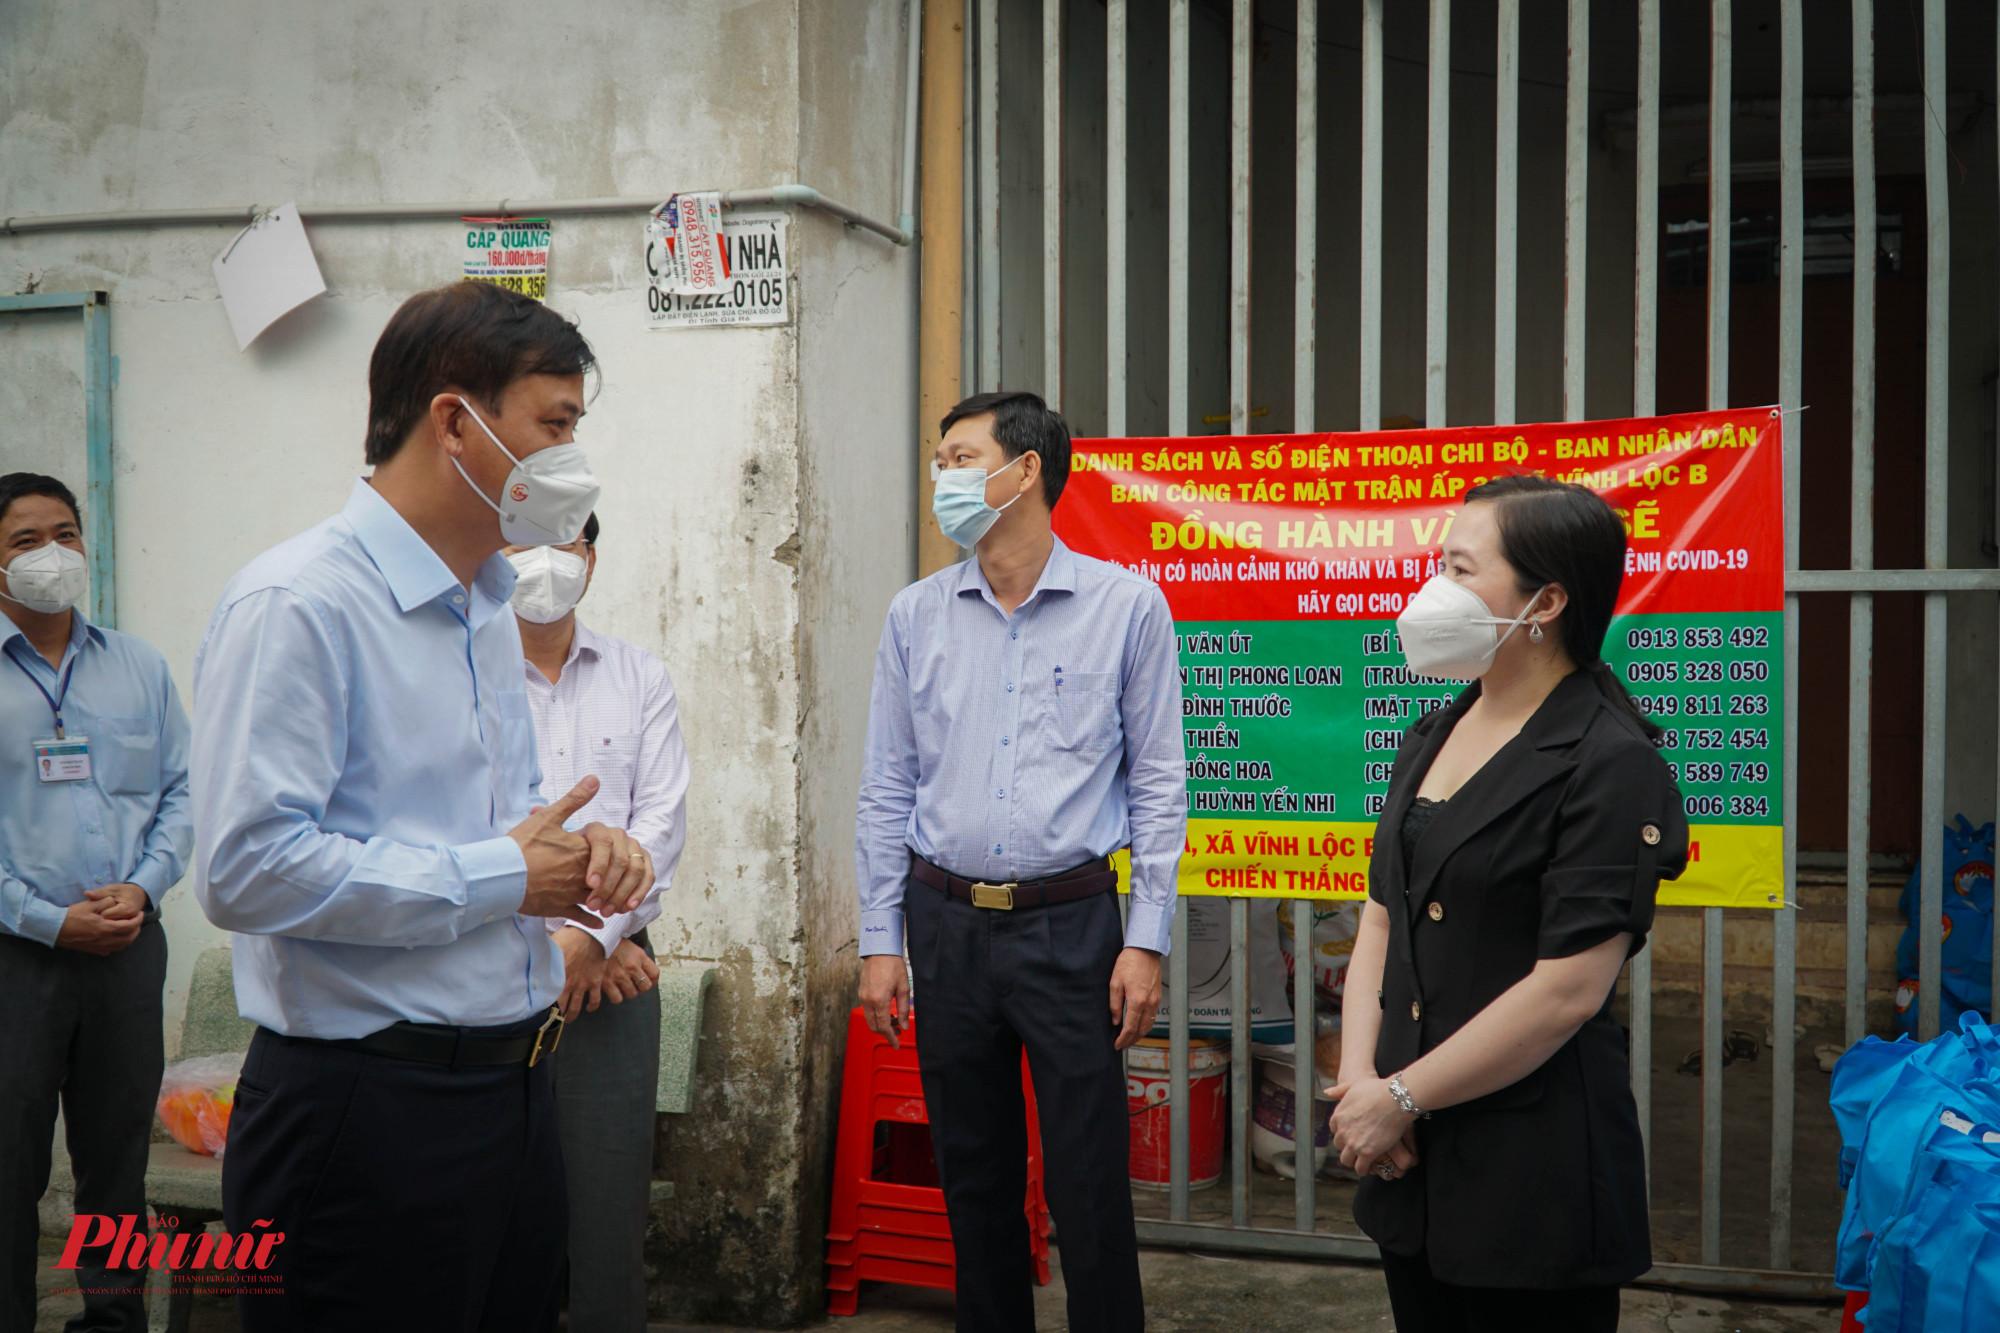 Ông Lê Hòa Bình - PCT UBND TPHCM trao đổi với chị Tuyết Lan chủ khu lưu trú công nhân về vấn đề chăm lo đời sống công nhân